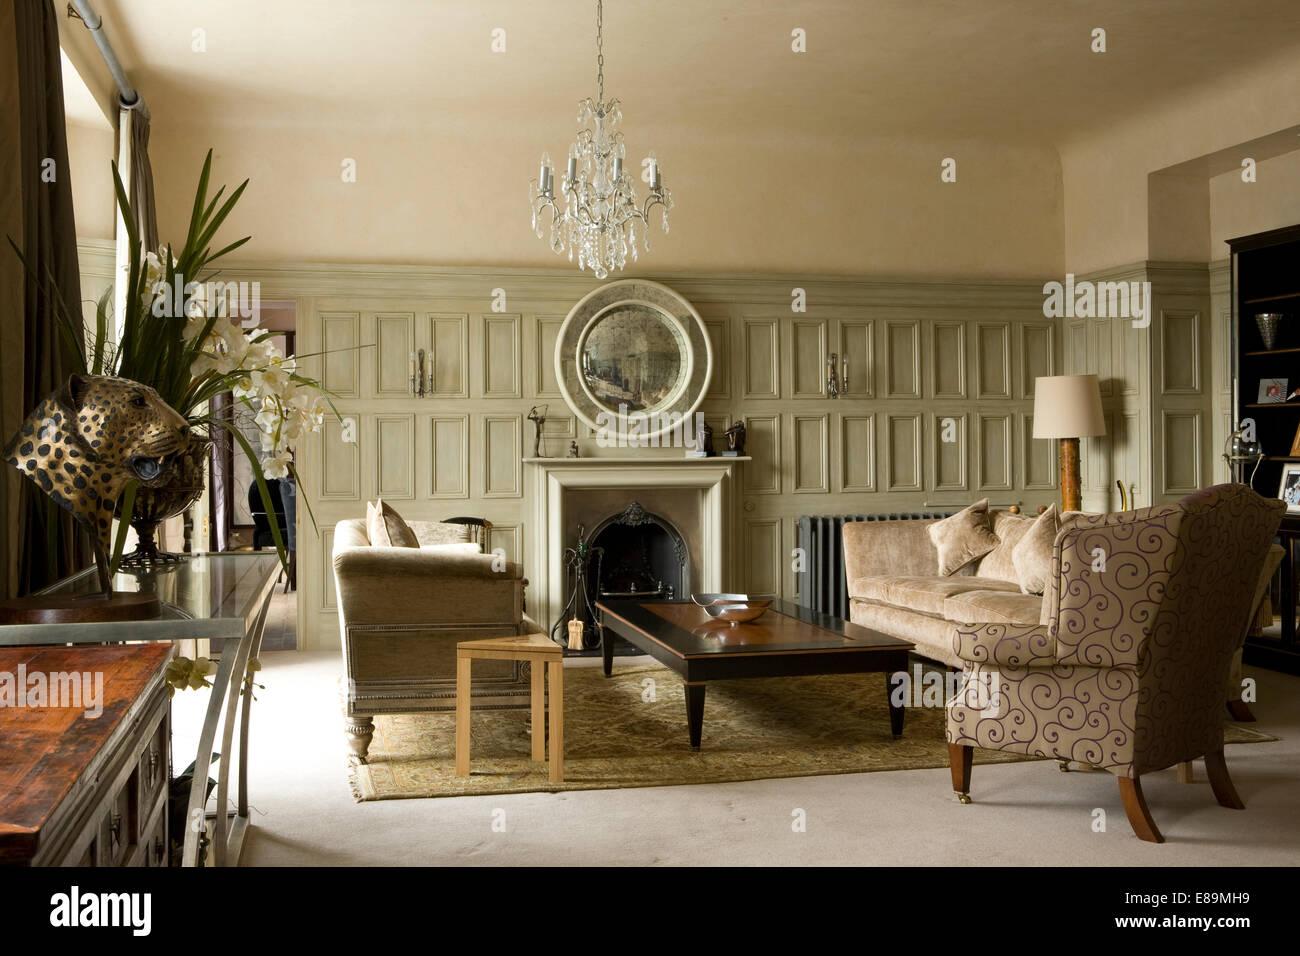 Pareti Grigie Salotto : Di colore grigio pallido pareti pannellate in paese salotto con